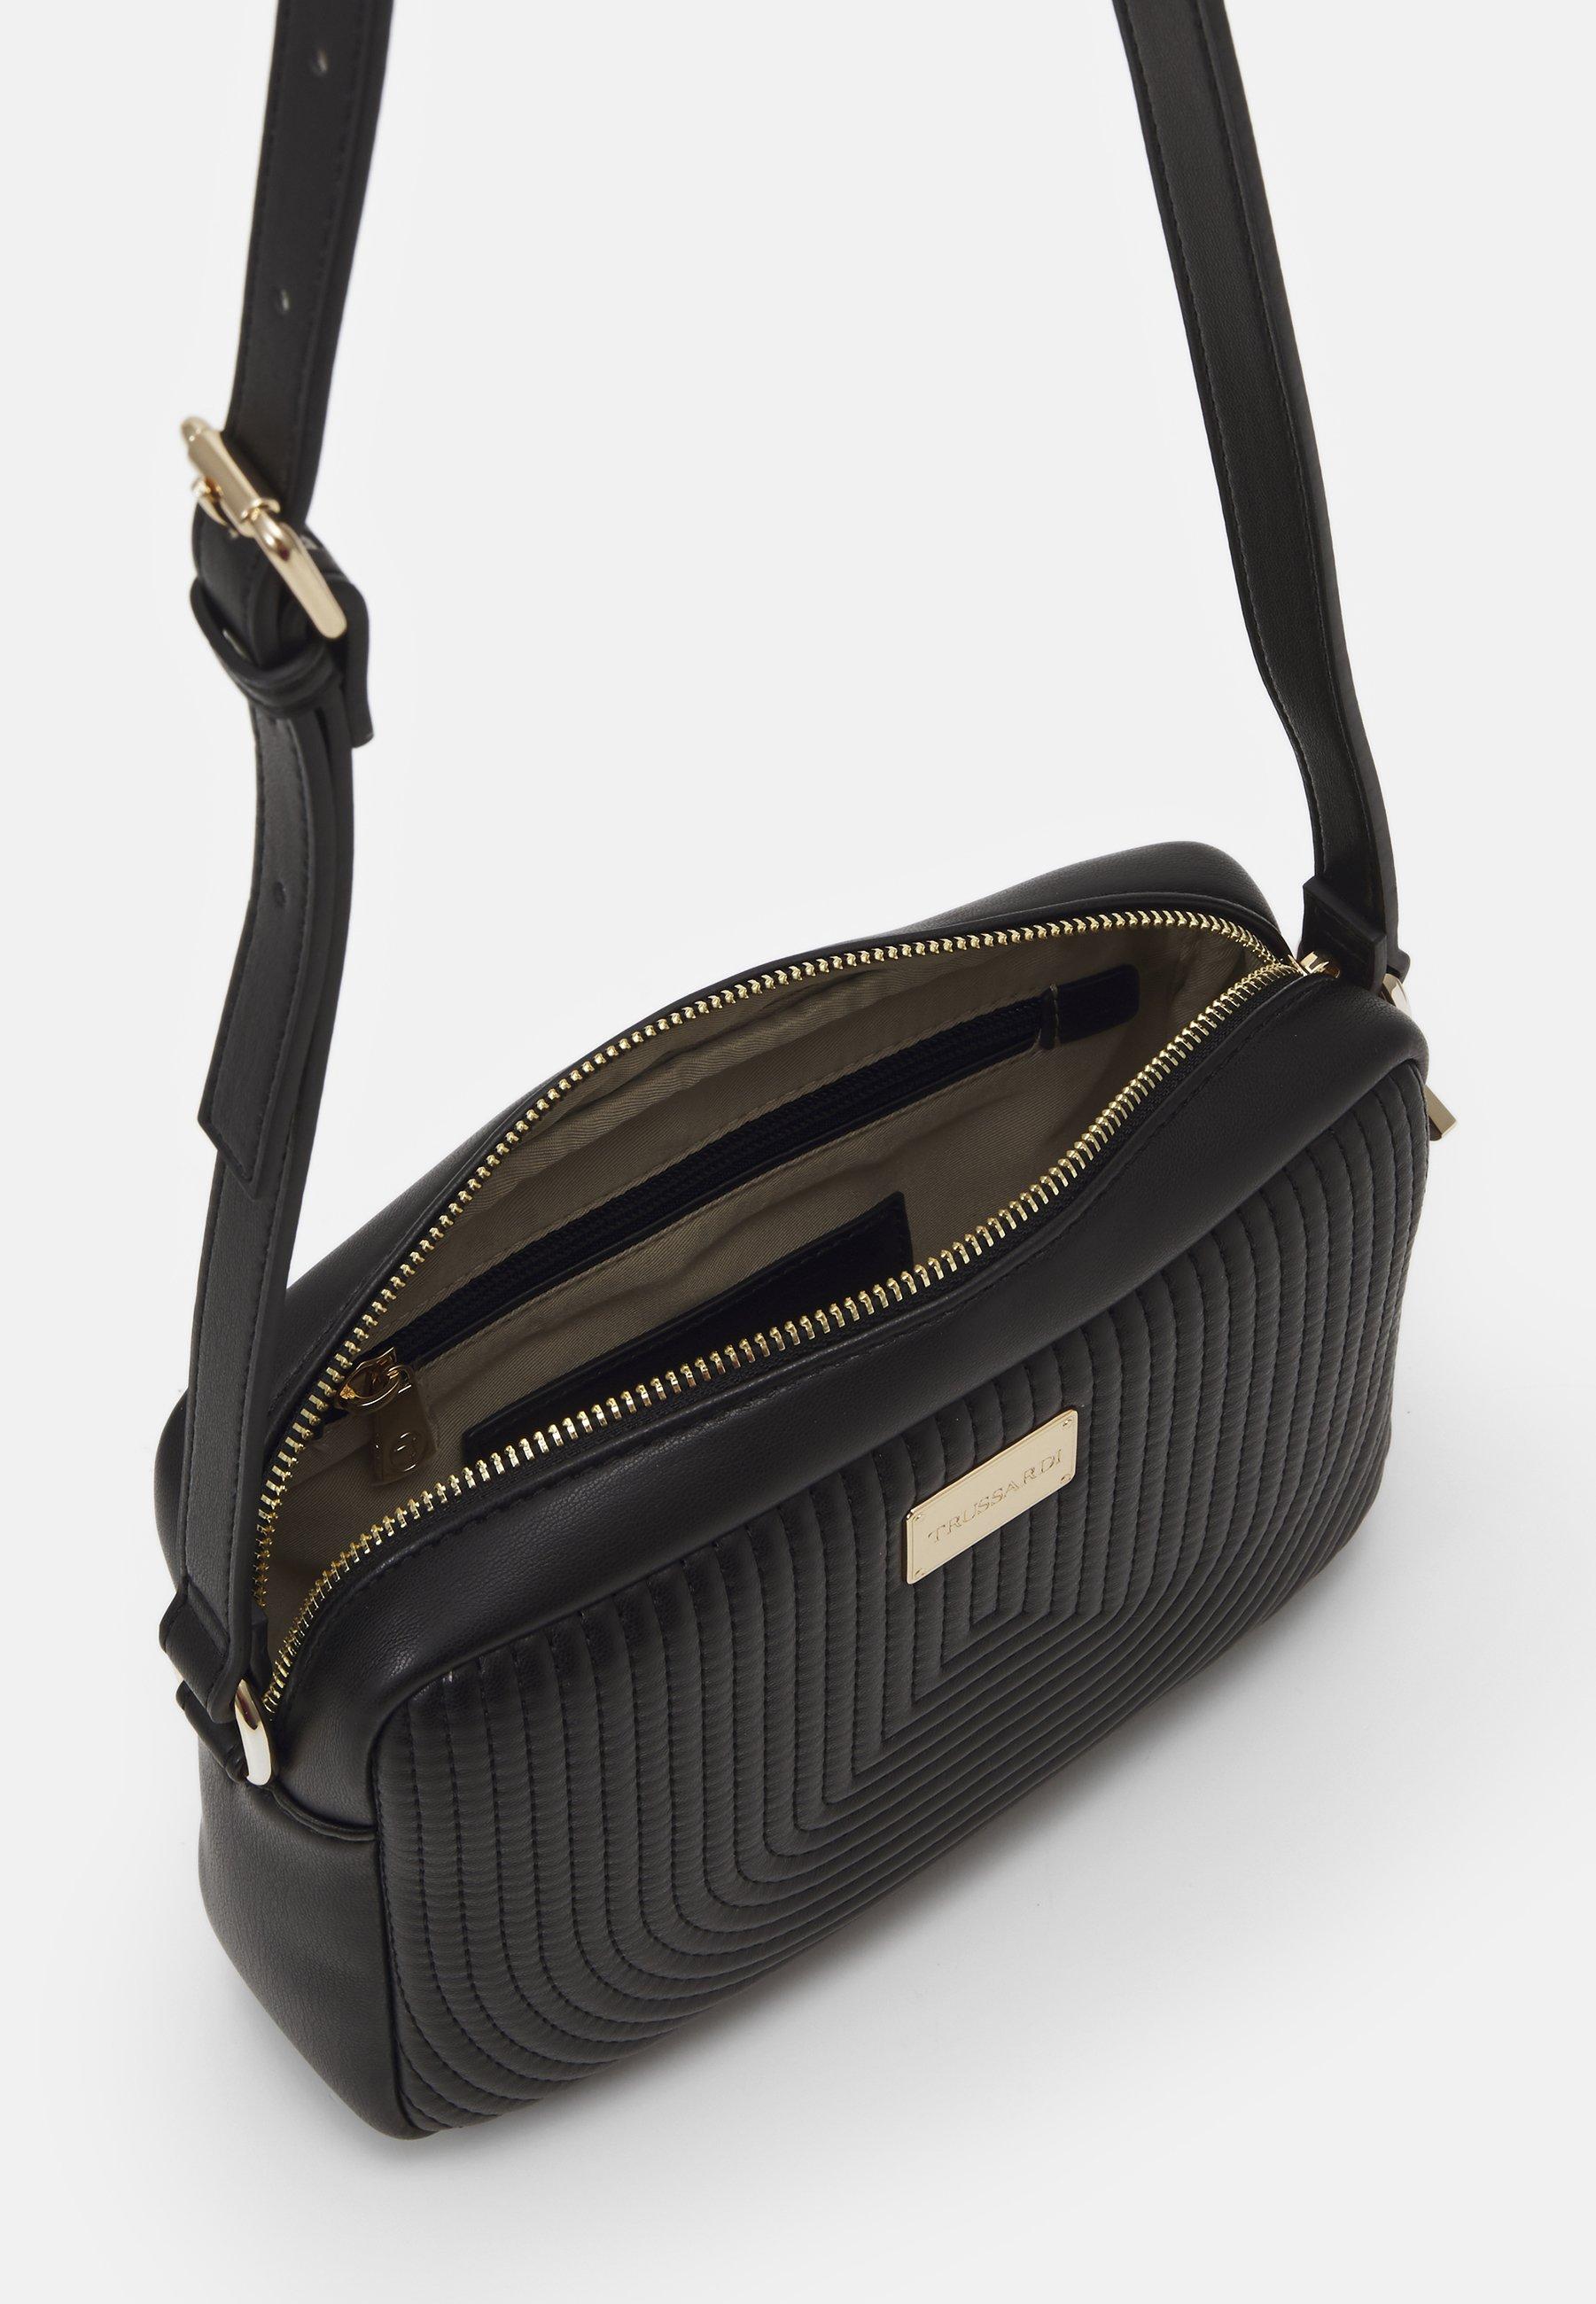 Trussardi Frida Quilted Camera Bag - Umhängetasche Black/schwarz